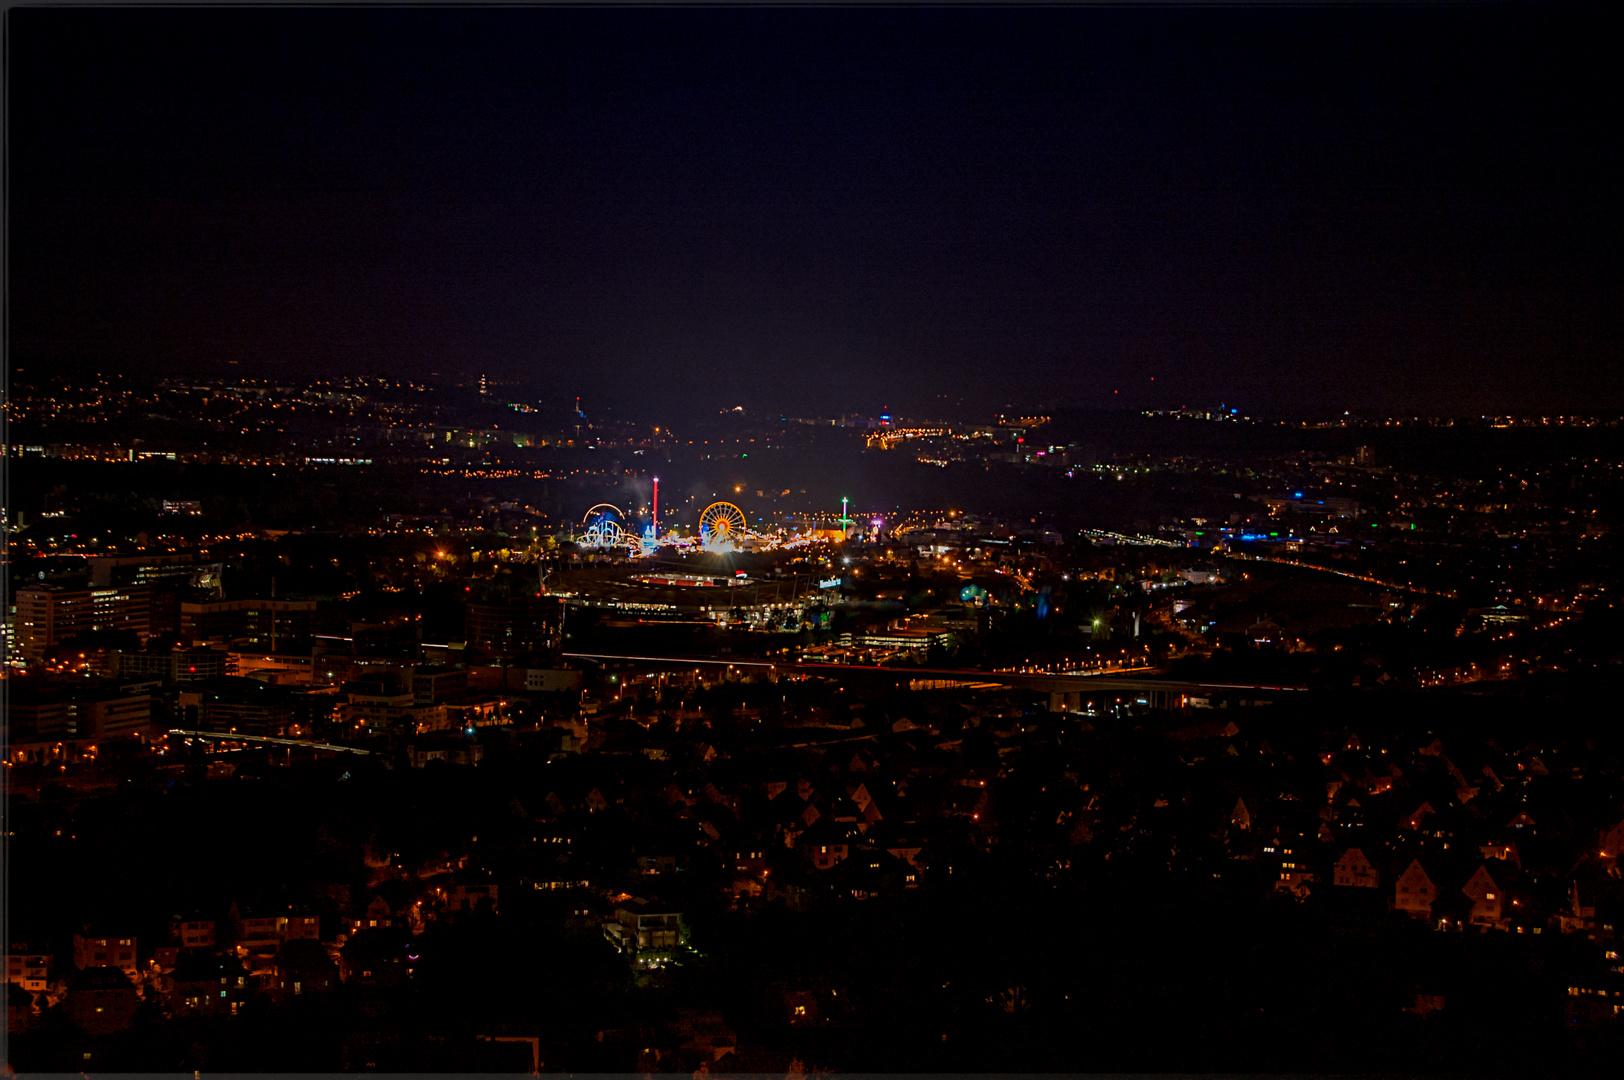 Nachtaufnahme von Stuttgart während dem Volksfest - Frühlingsfest 2014